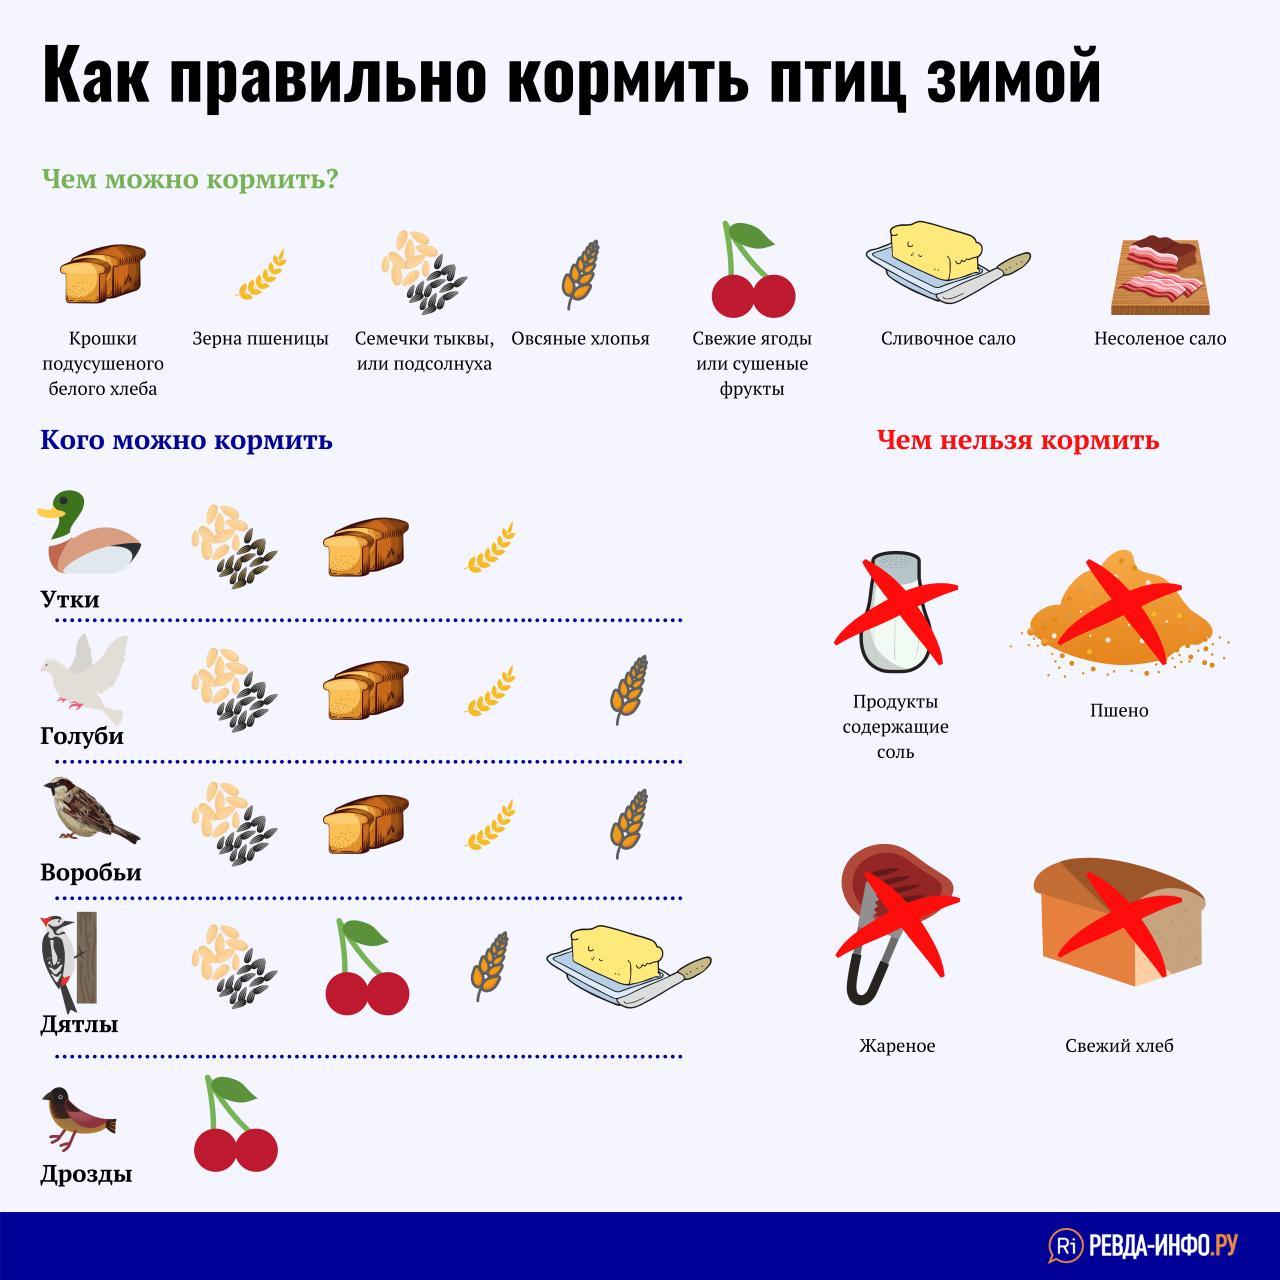 Можно ли кормить уток белым и черным хлебом